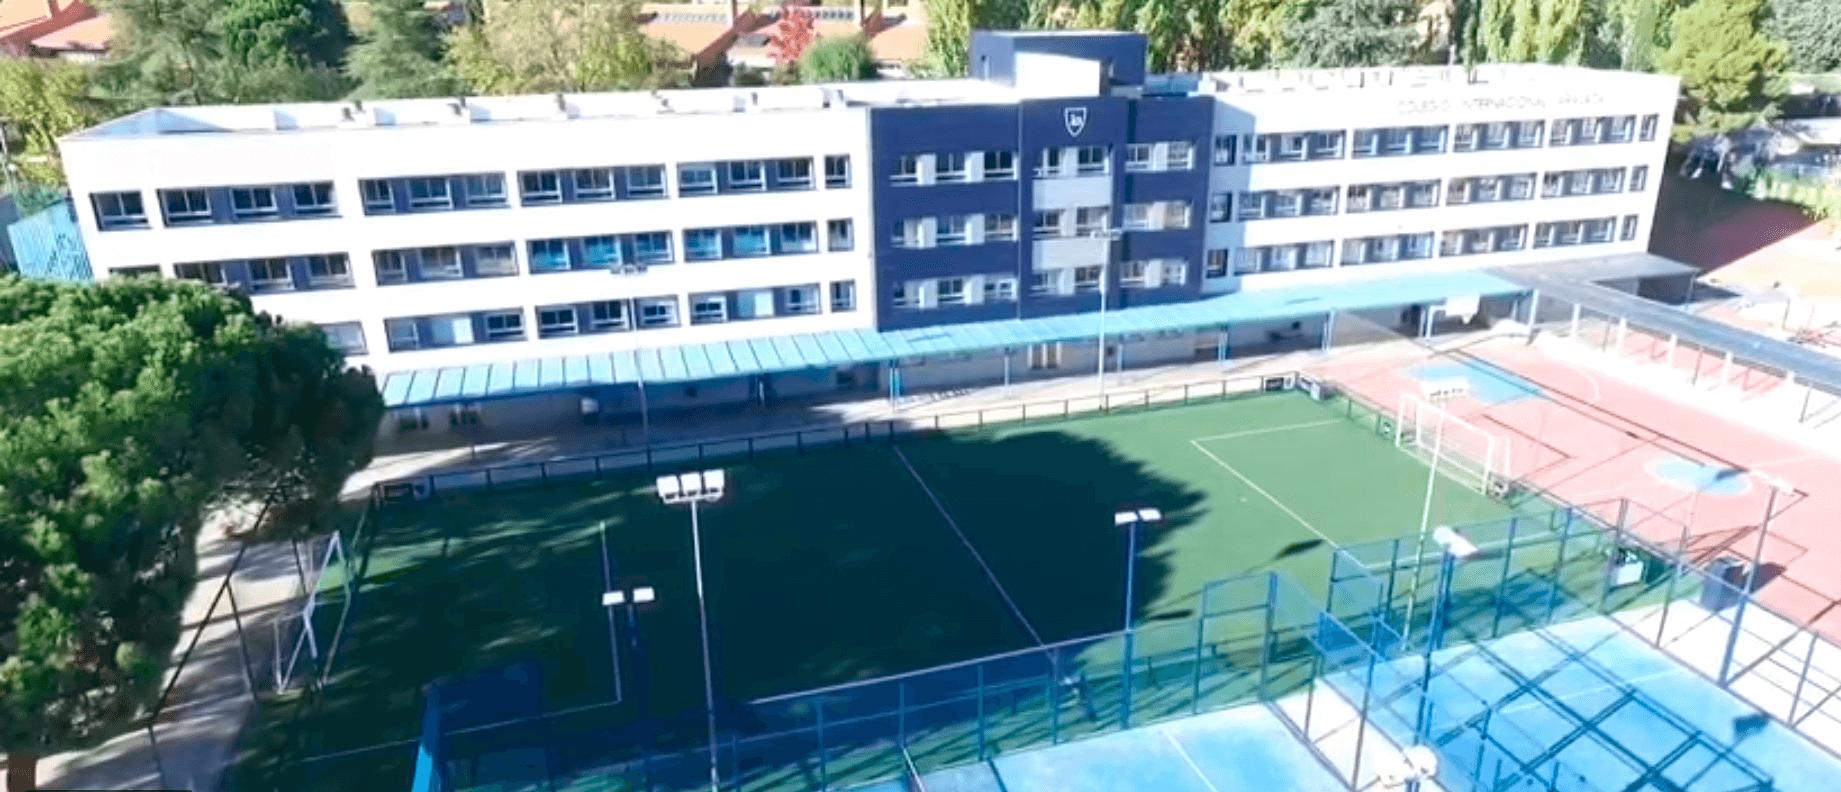 colegio-Internacional-Aravaca-uniformes-escolares